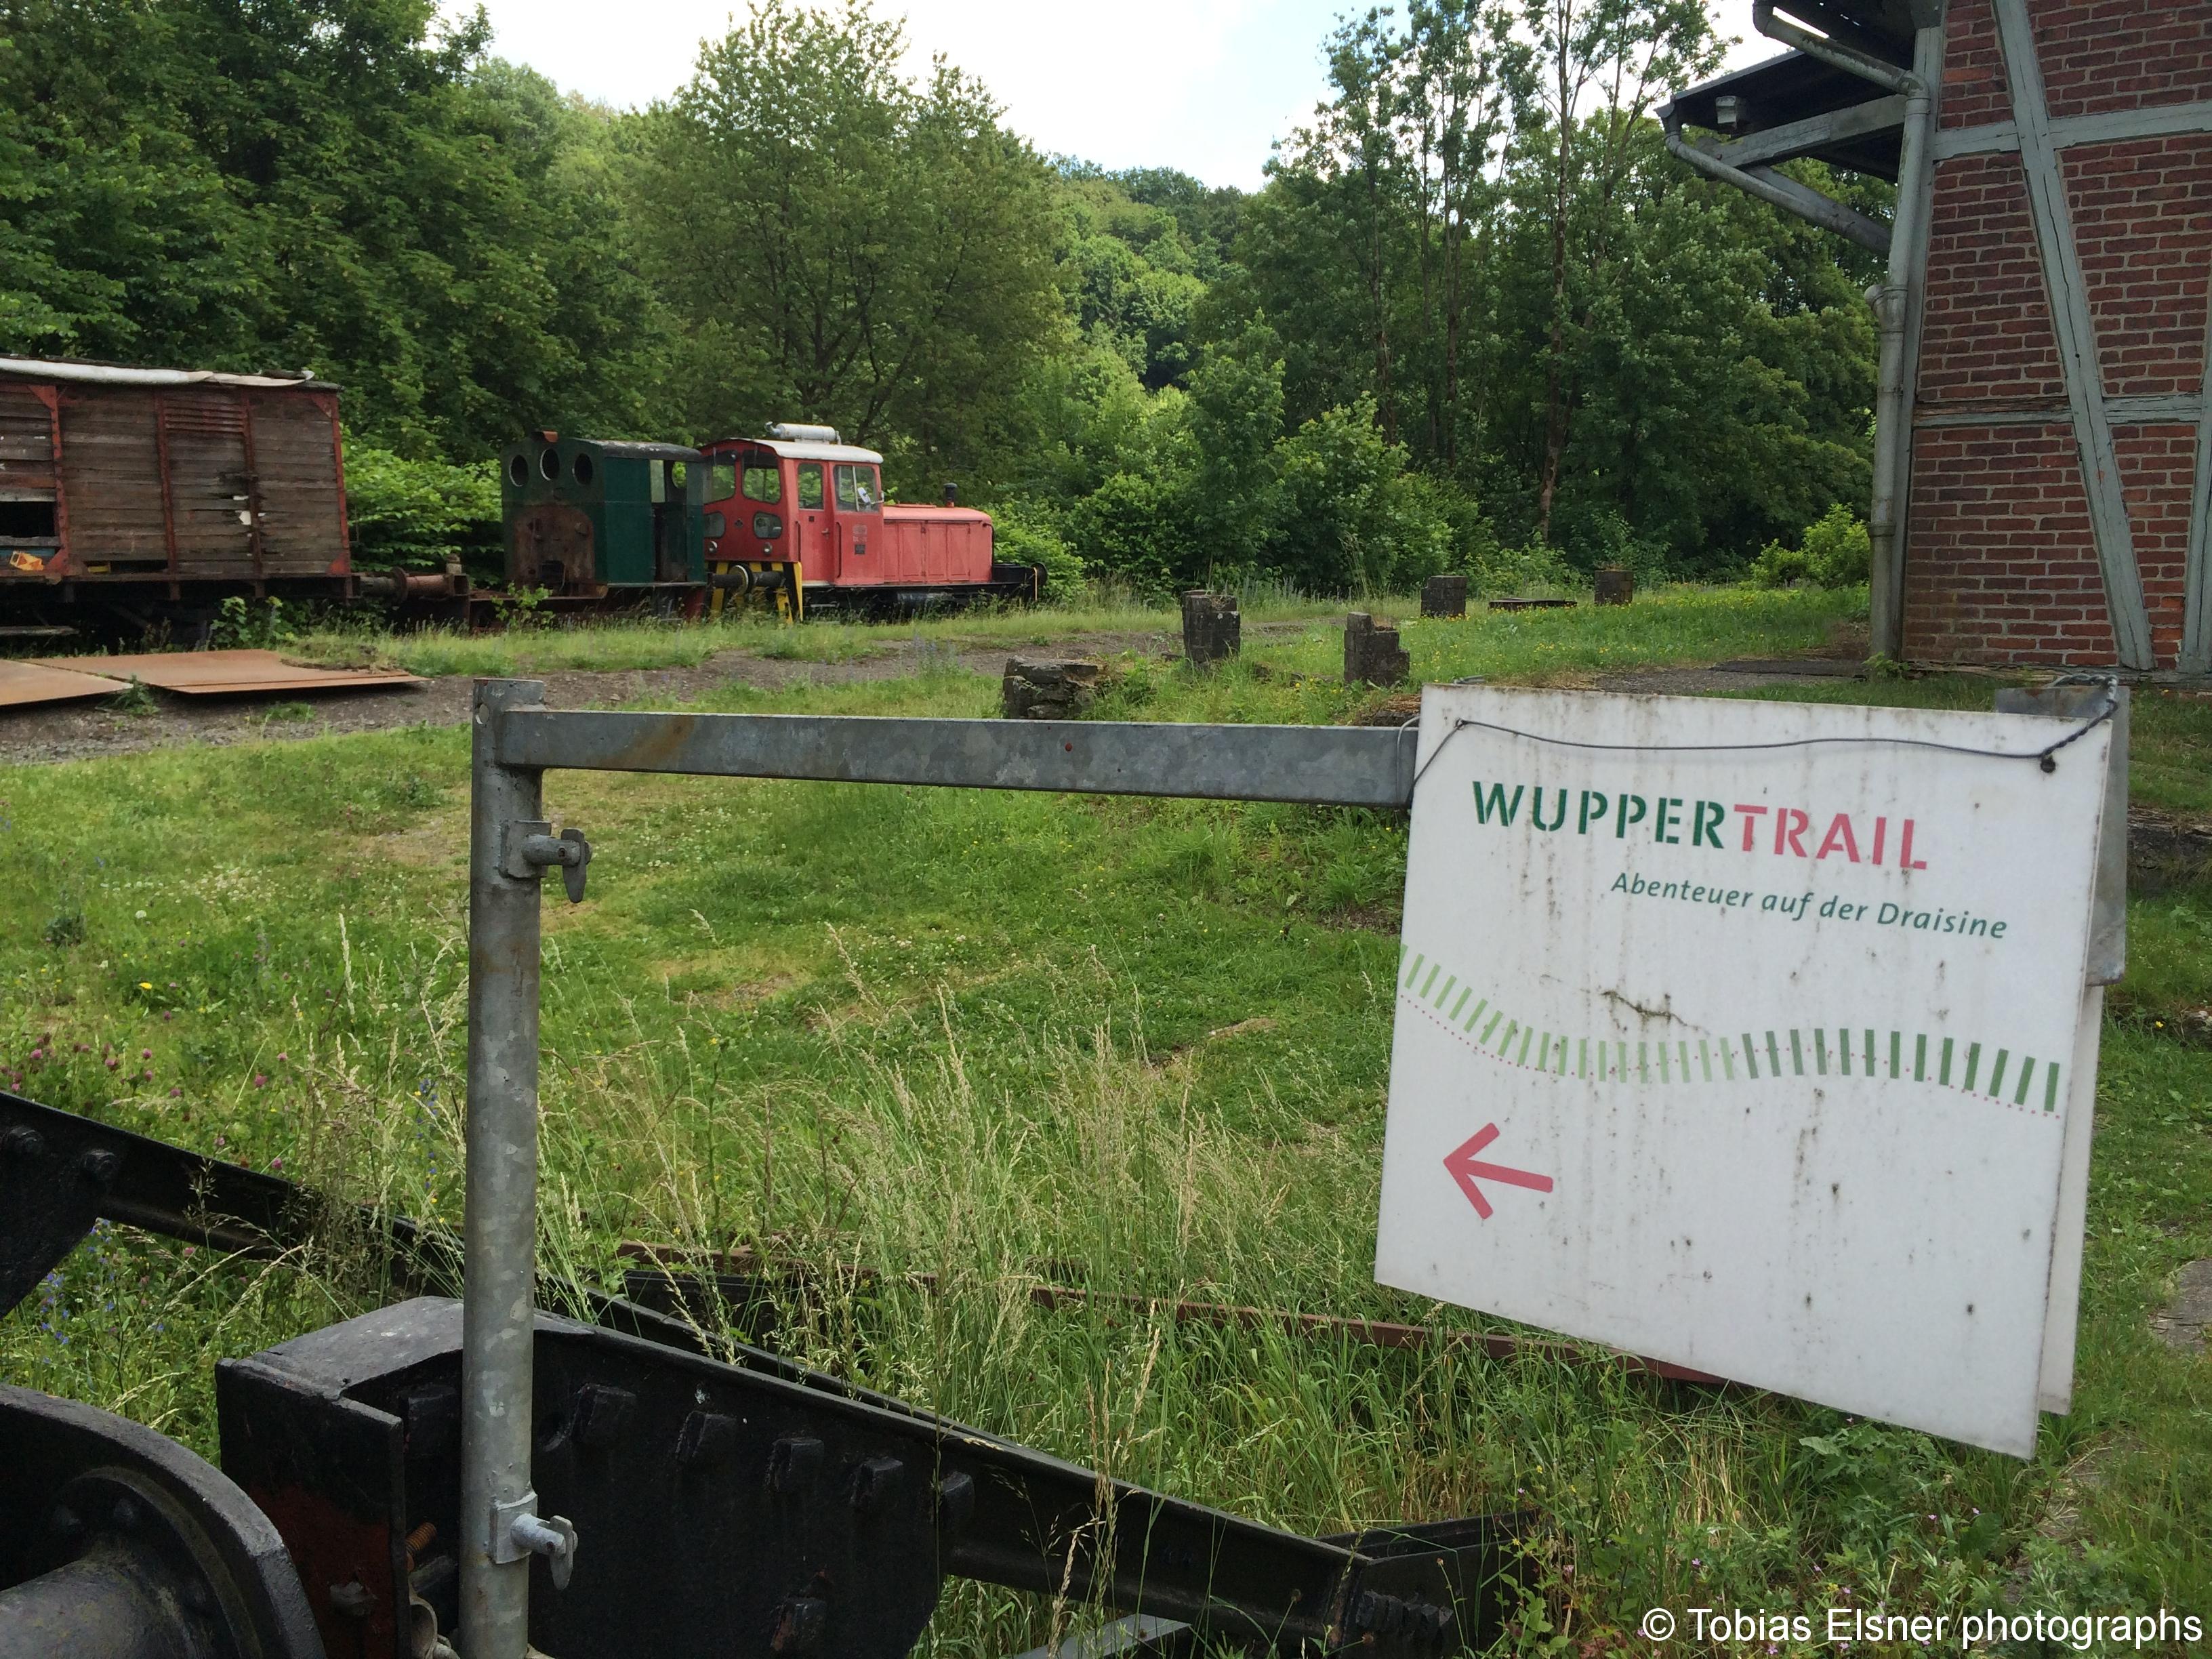 Wanderung Wald Wasser Wolle Weg Radevormwald 2014 Nr.67